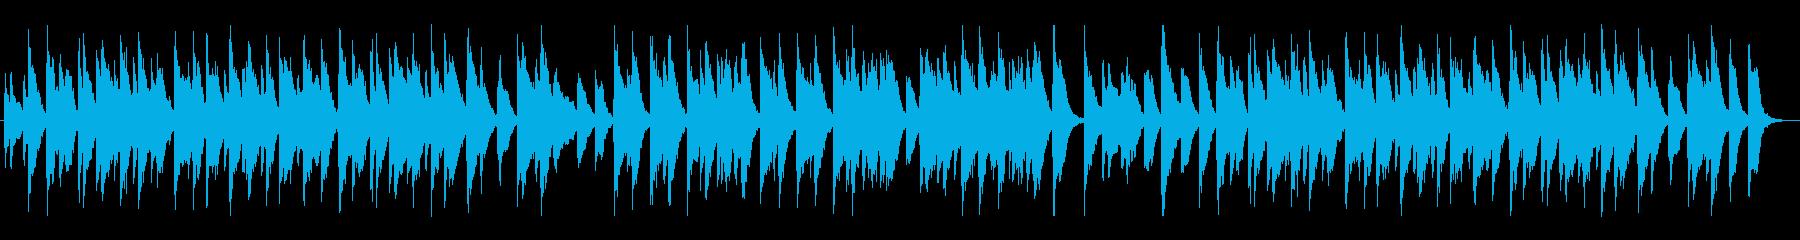 陽気な酒場のホンキートンクピアノの再生済みの波形